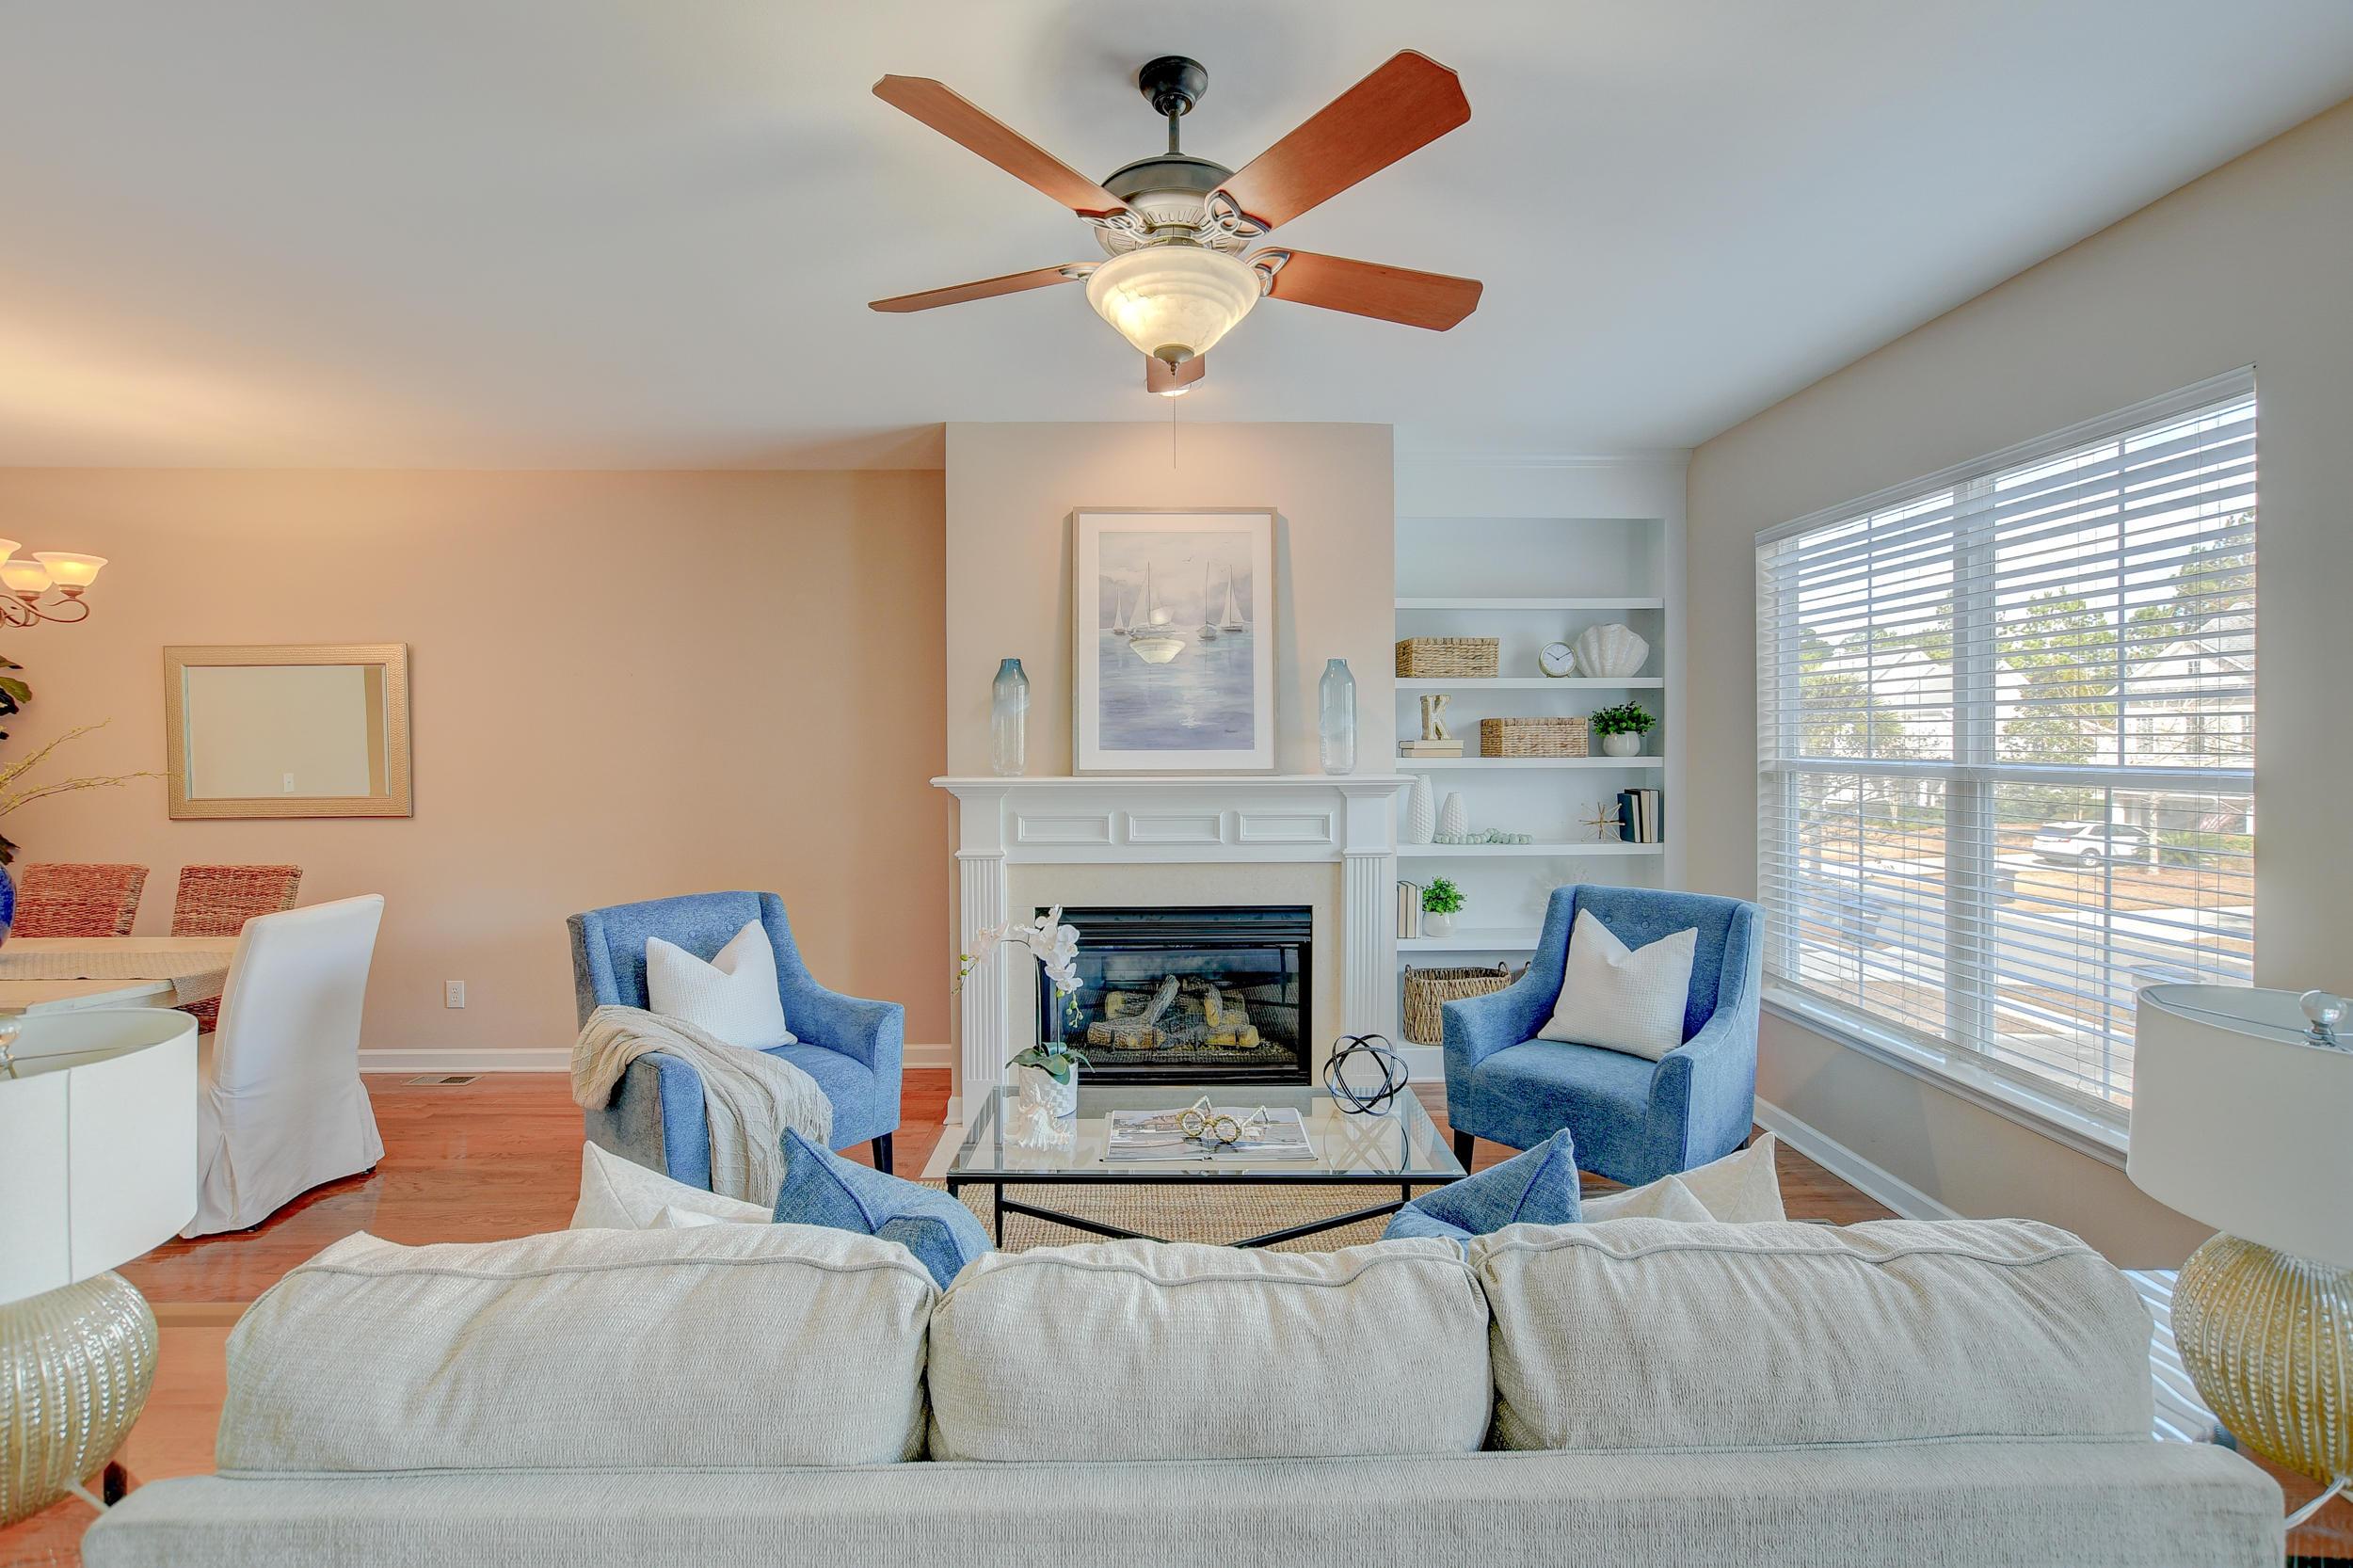 Dunes West Homes For Sale - 264 Fair Sailing, Mount Pleasant, SC - 1